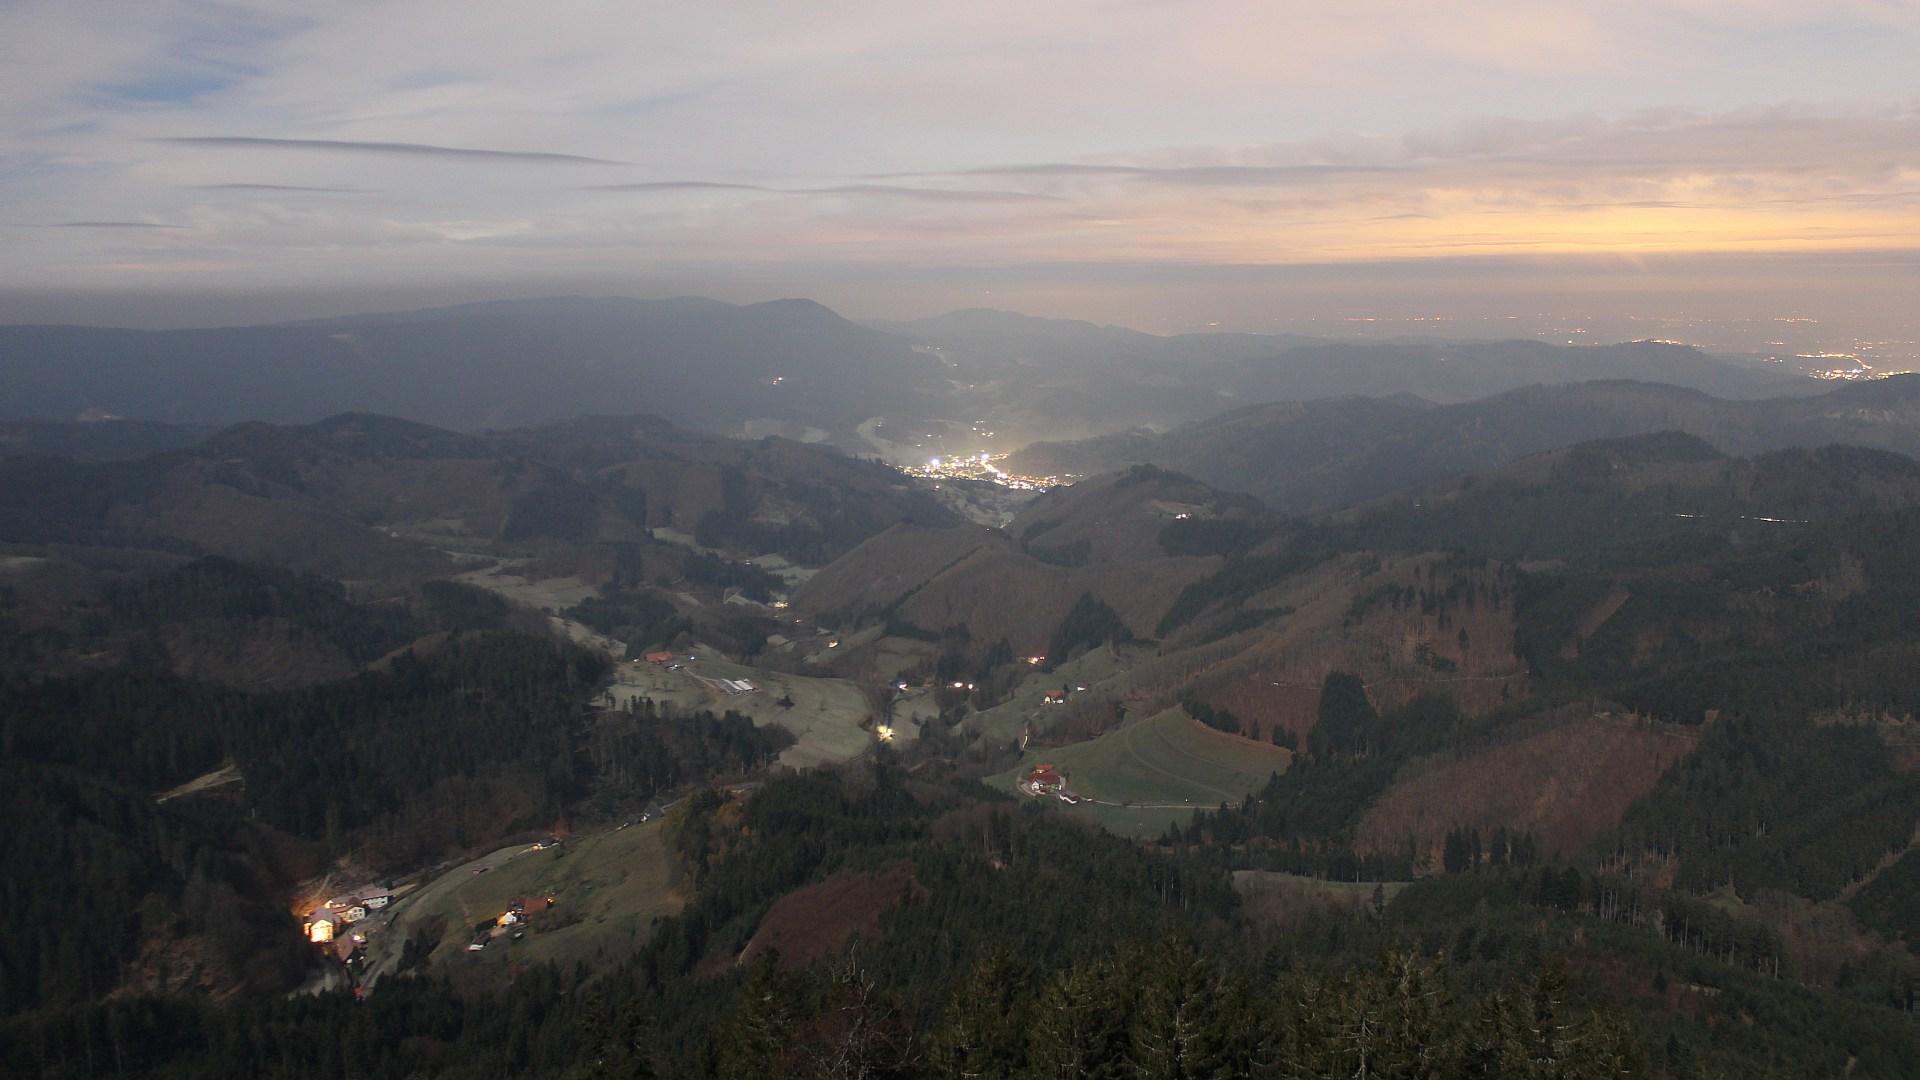 Aufnahme: Buchkopfturm vom 30.11.2020 21:30